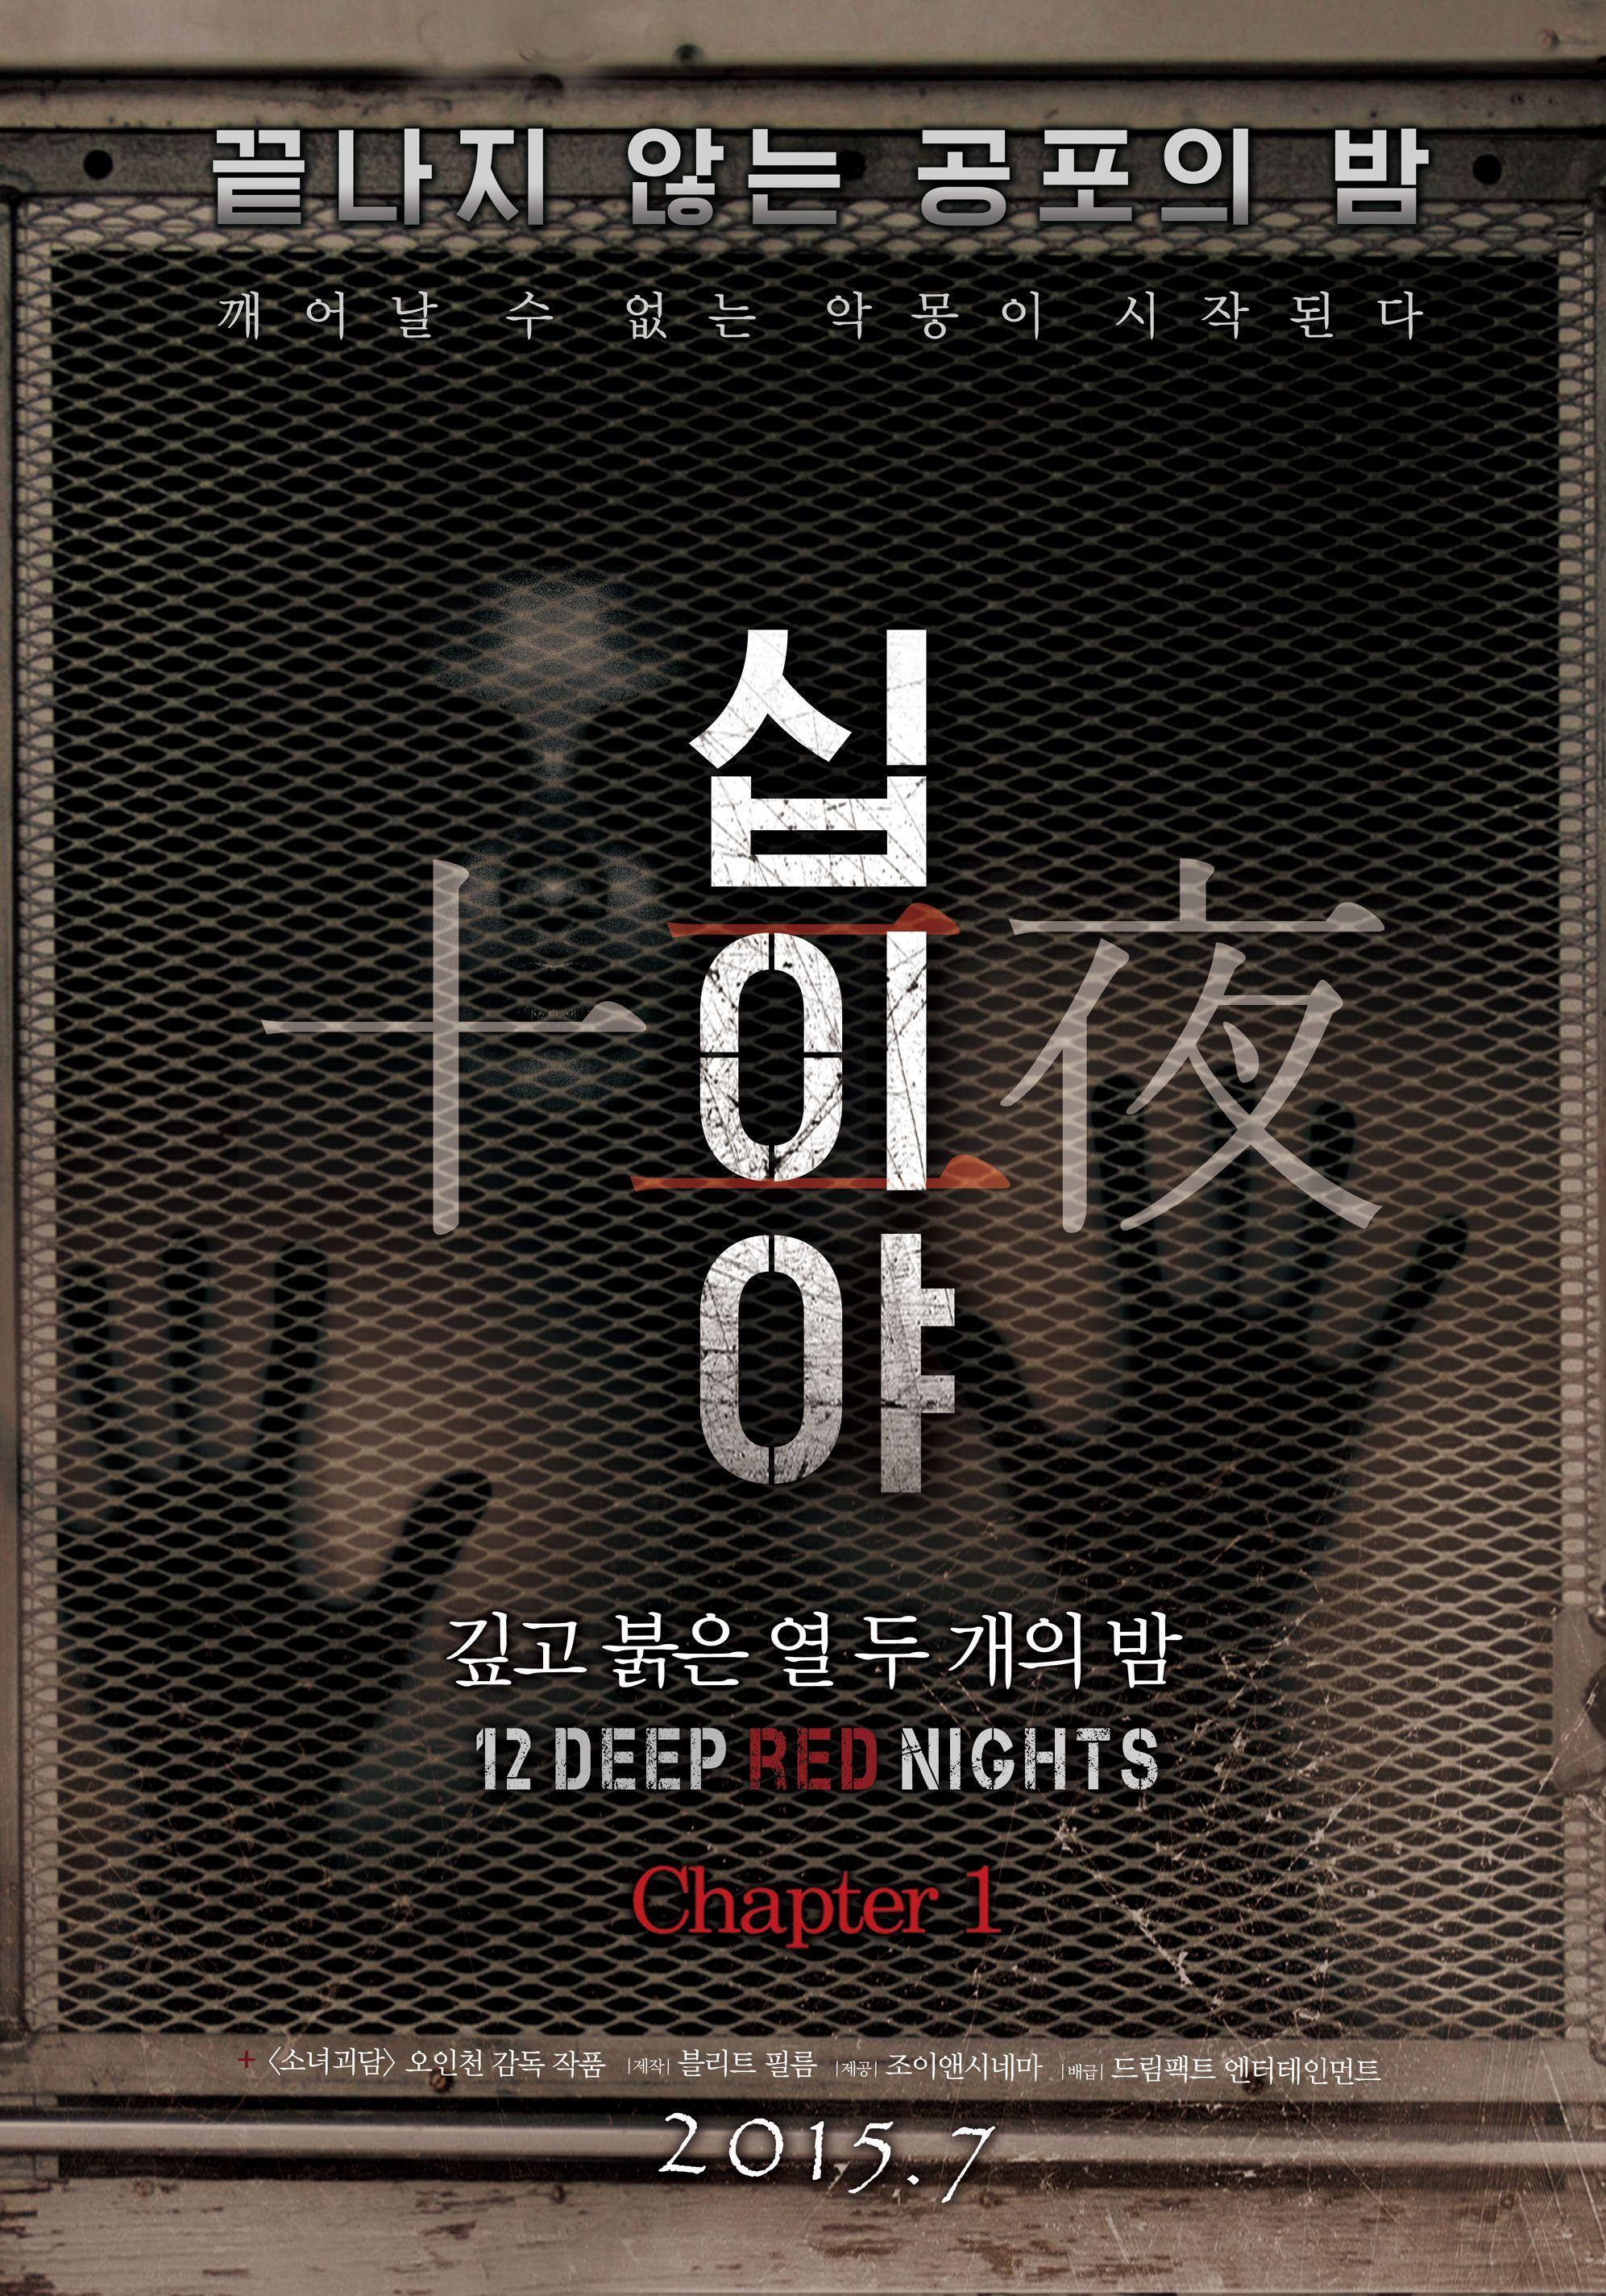 십이야: 깊고 붉은 열 두 개의 밤 Chapter 1